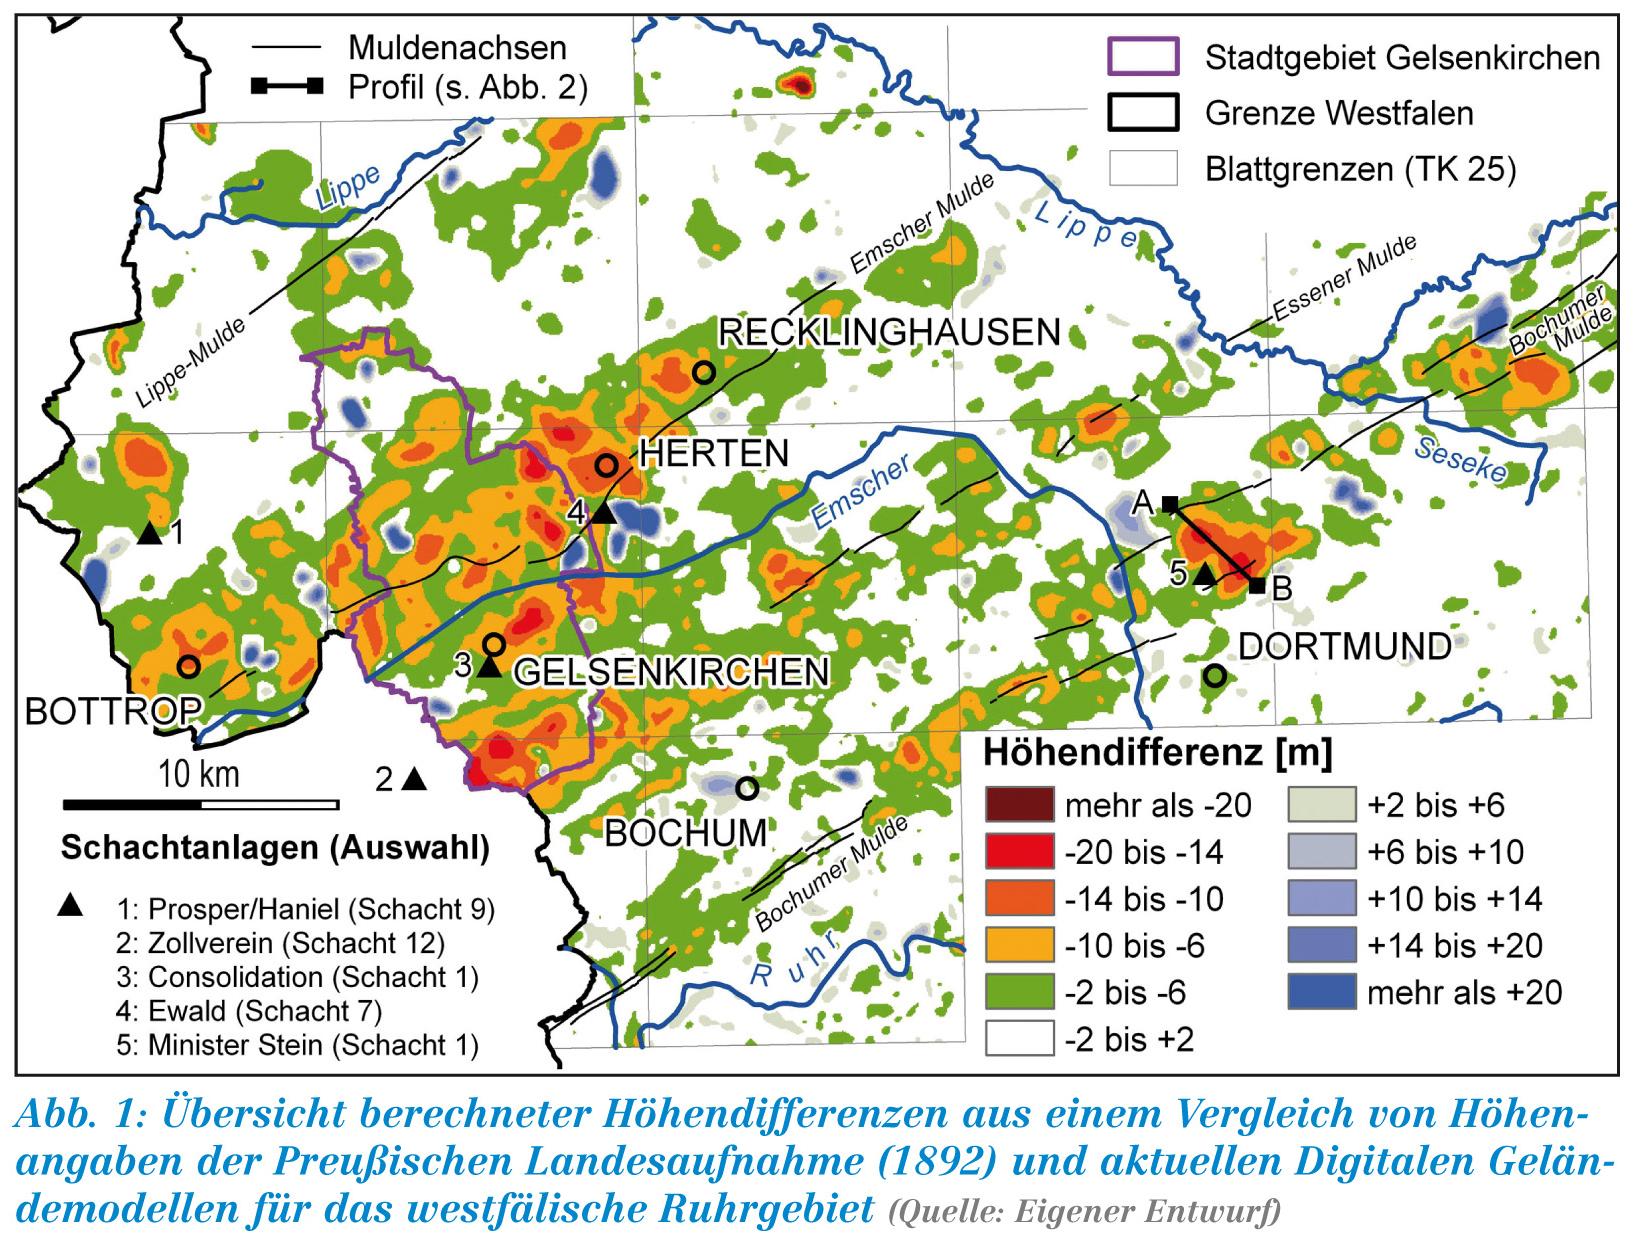 Geologische Karte Ruhrgebiet.Lwl Bergsenkungen Im Ruhrgebiet Westfalen Regional